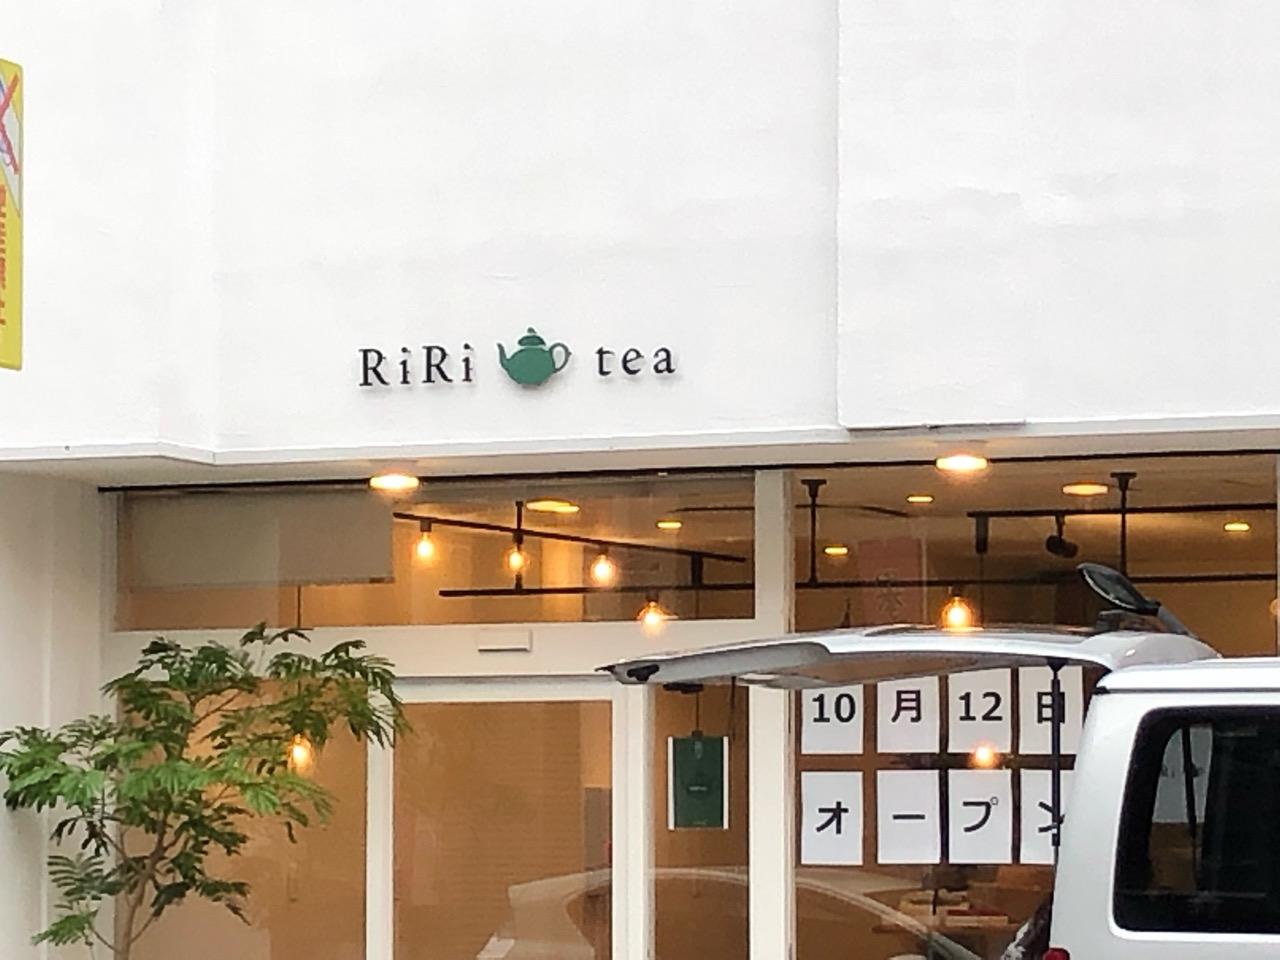 2019年10月12日オープンする「RiRitea」